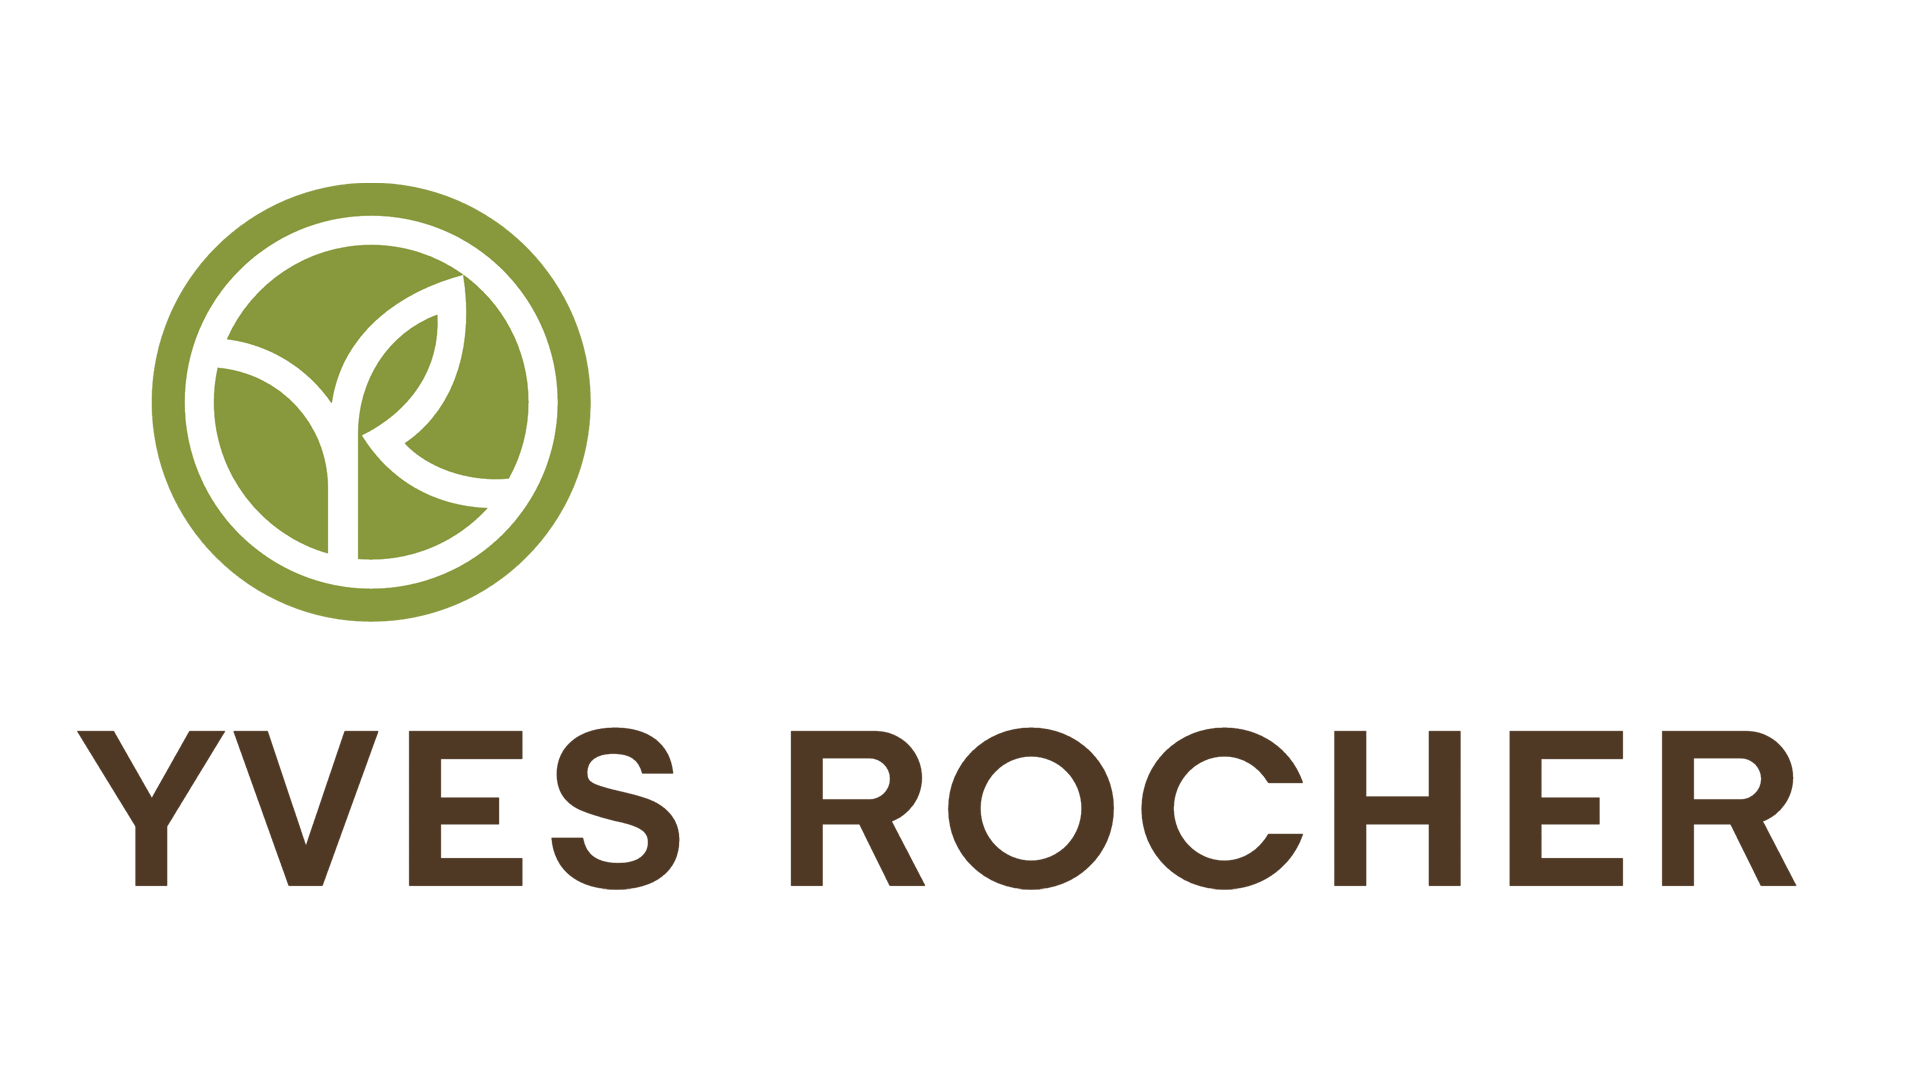 Code promo Yves Rocher : 1 cadeau offert pour le filleul et le parrain grâce au programme de parrainage